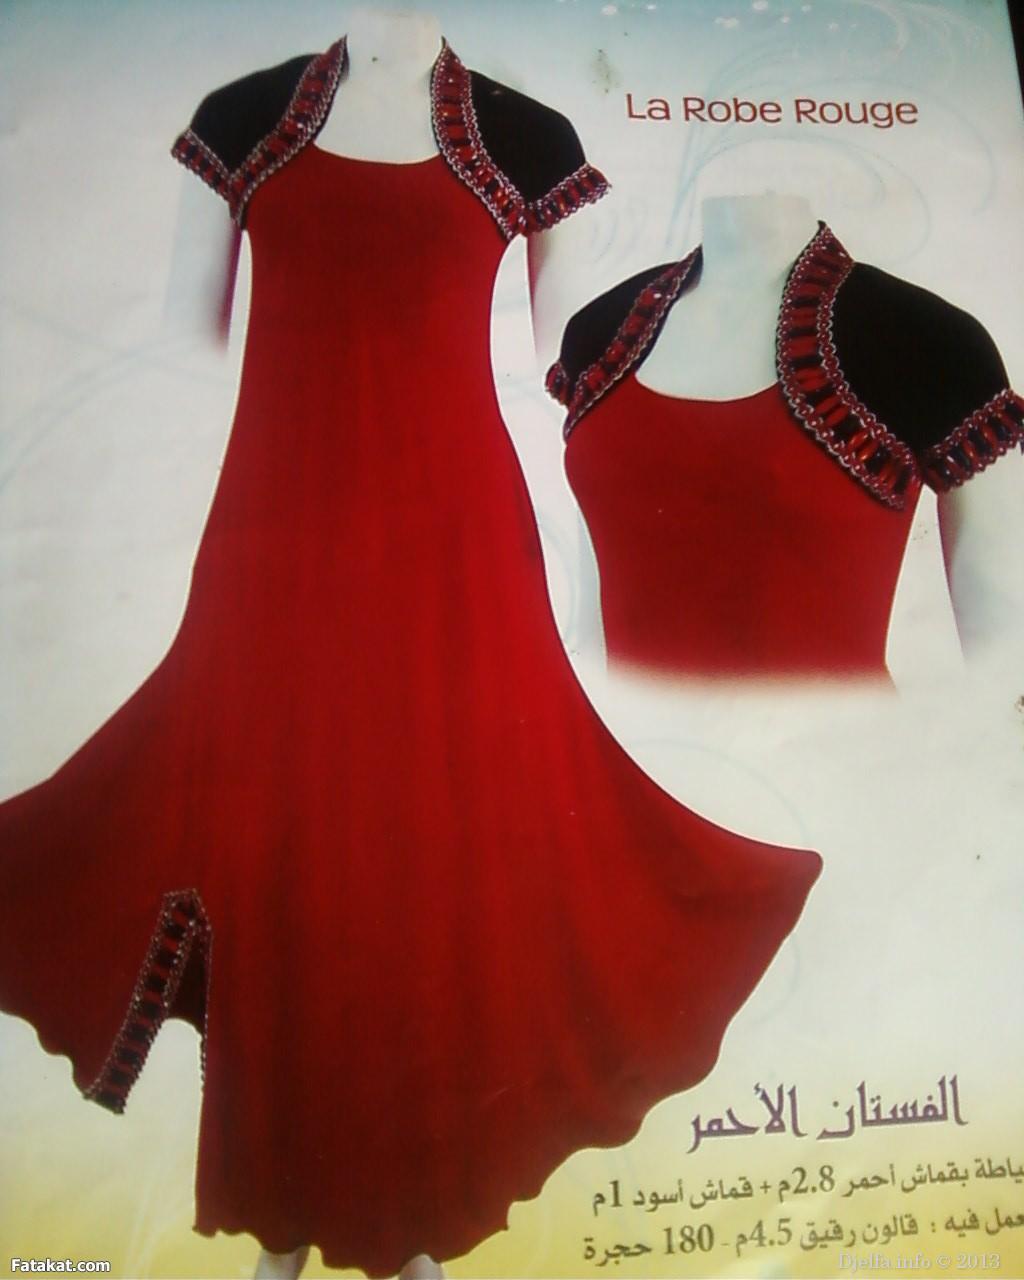 46b658f825176 قسم طلبات الاعضاء 4 ......  الأرشيف  - منتديات الجلفة لكل الجزائريين و العرب